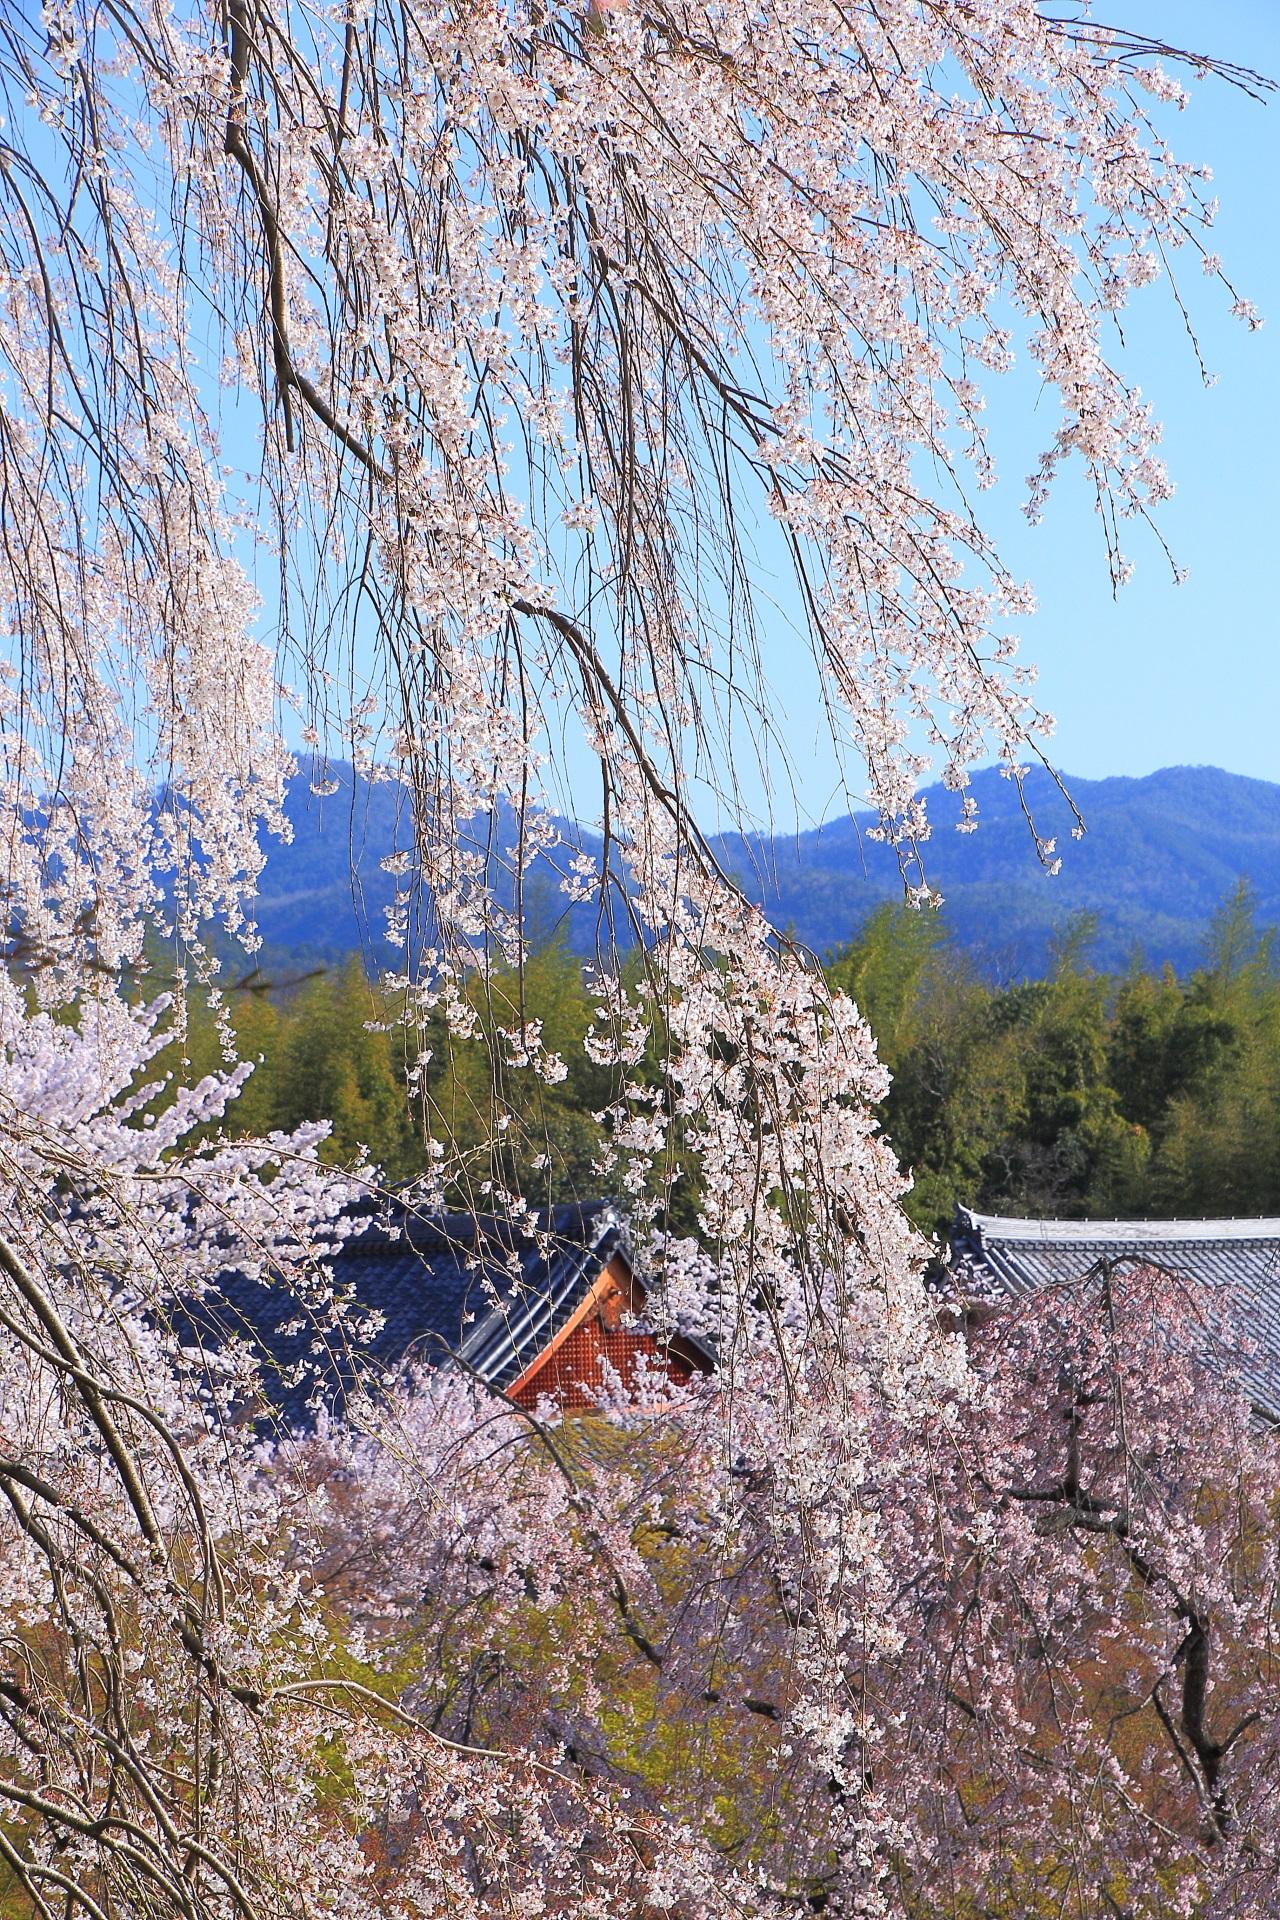 天龍寺の百花苑や伽藍に降り注ぐ望京の丘のしだれ桜